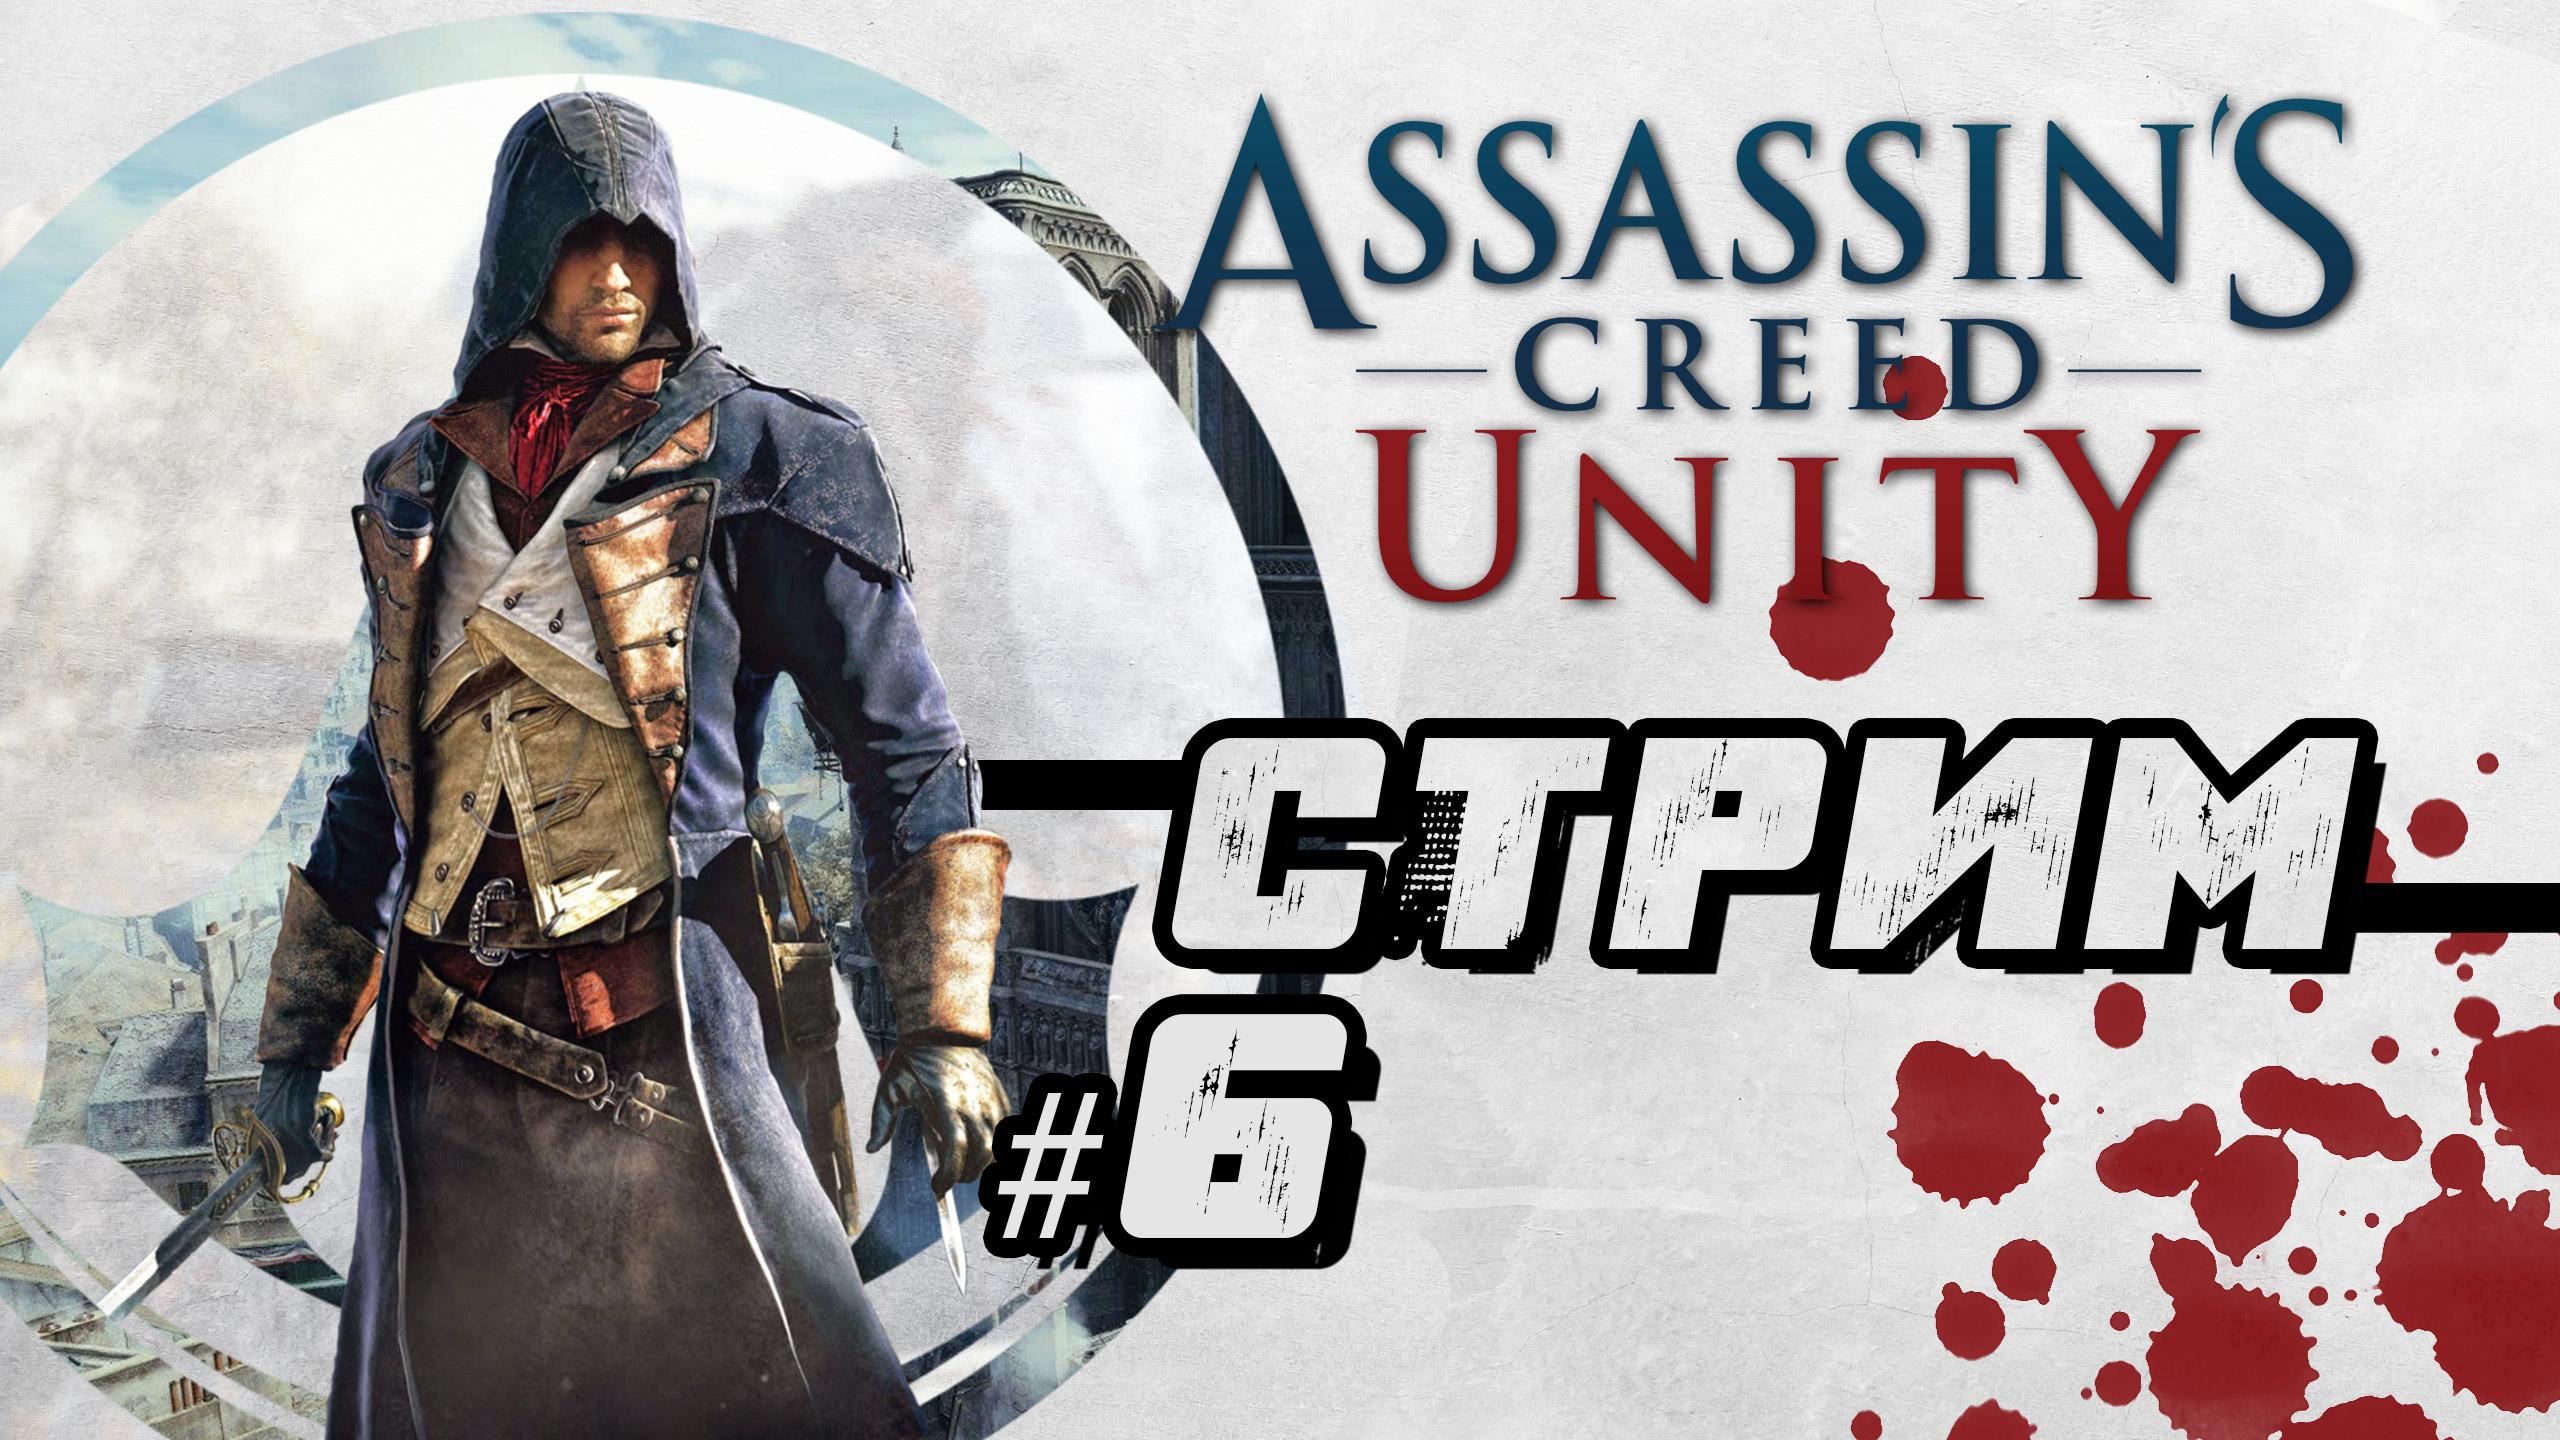 Assassins Creed Unity - Пророк - Live Stream - no comments - #6